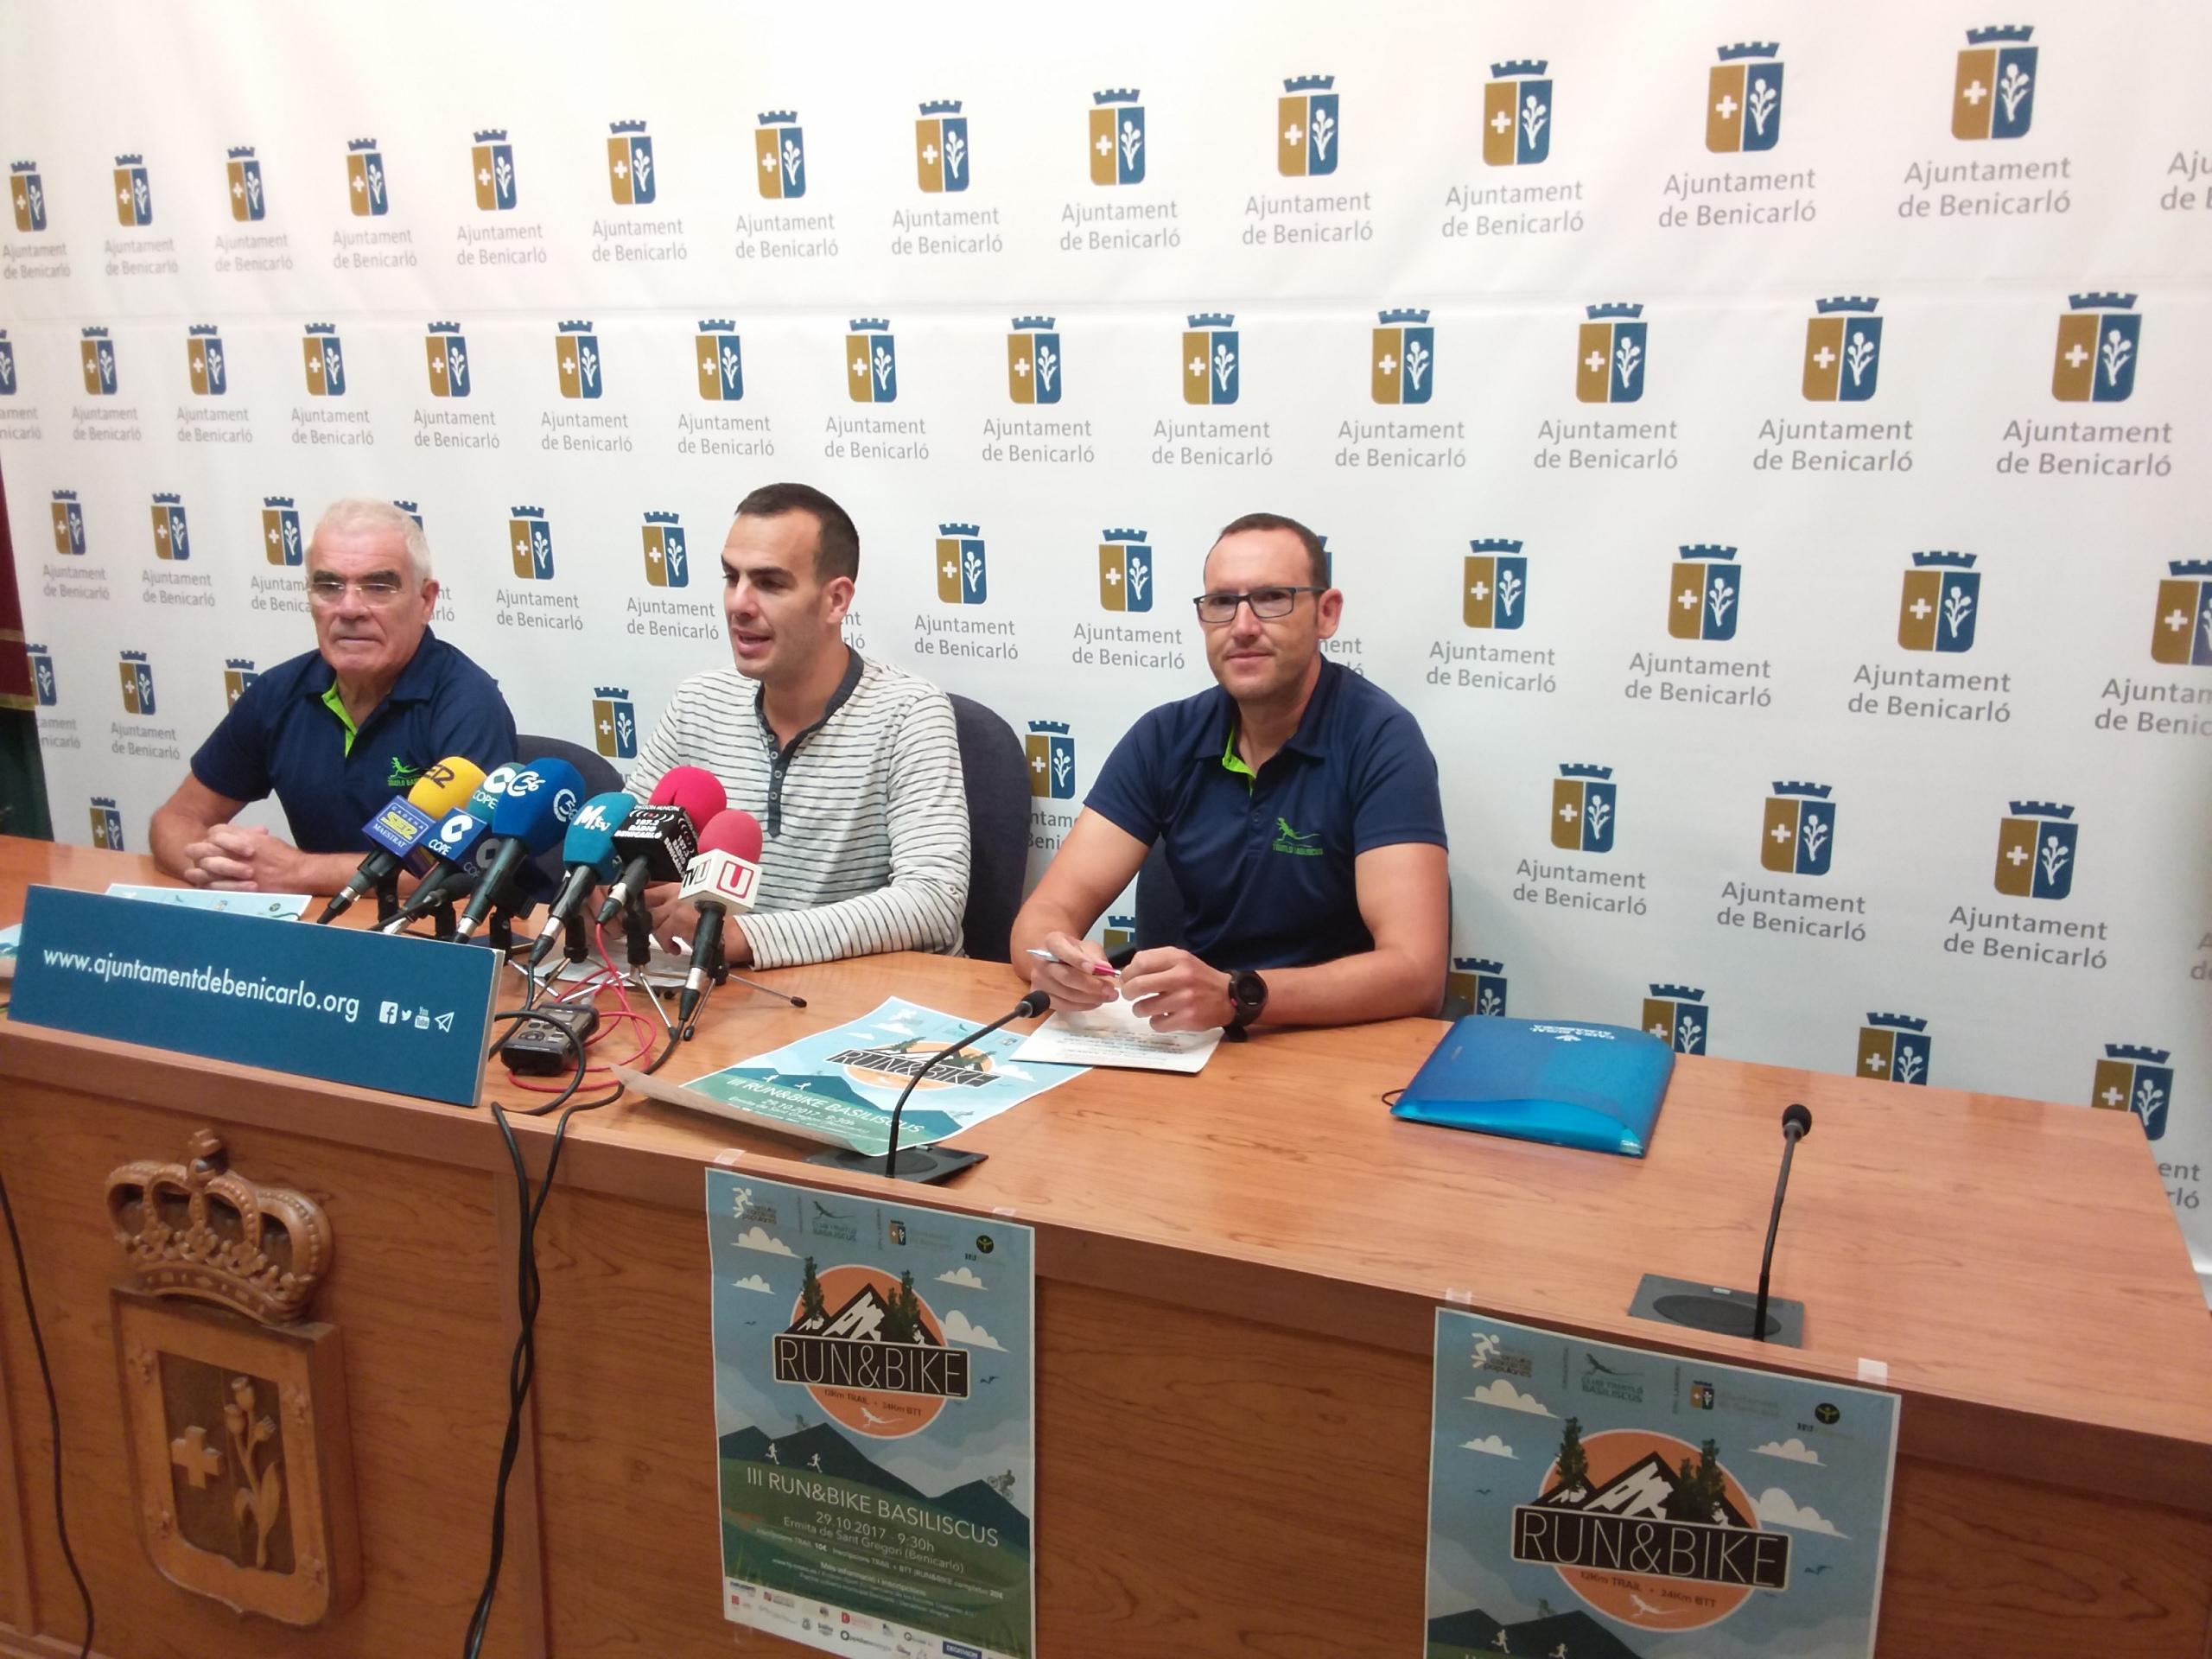 Benicarló, s'obre el termini d'inscripcions per la Run&Bike